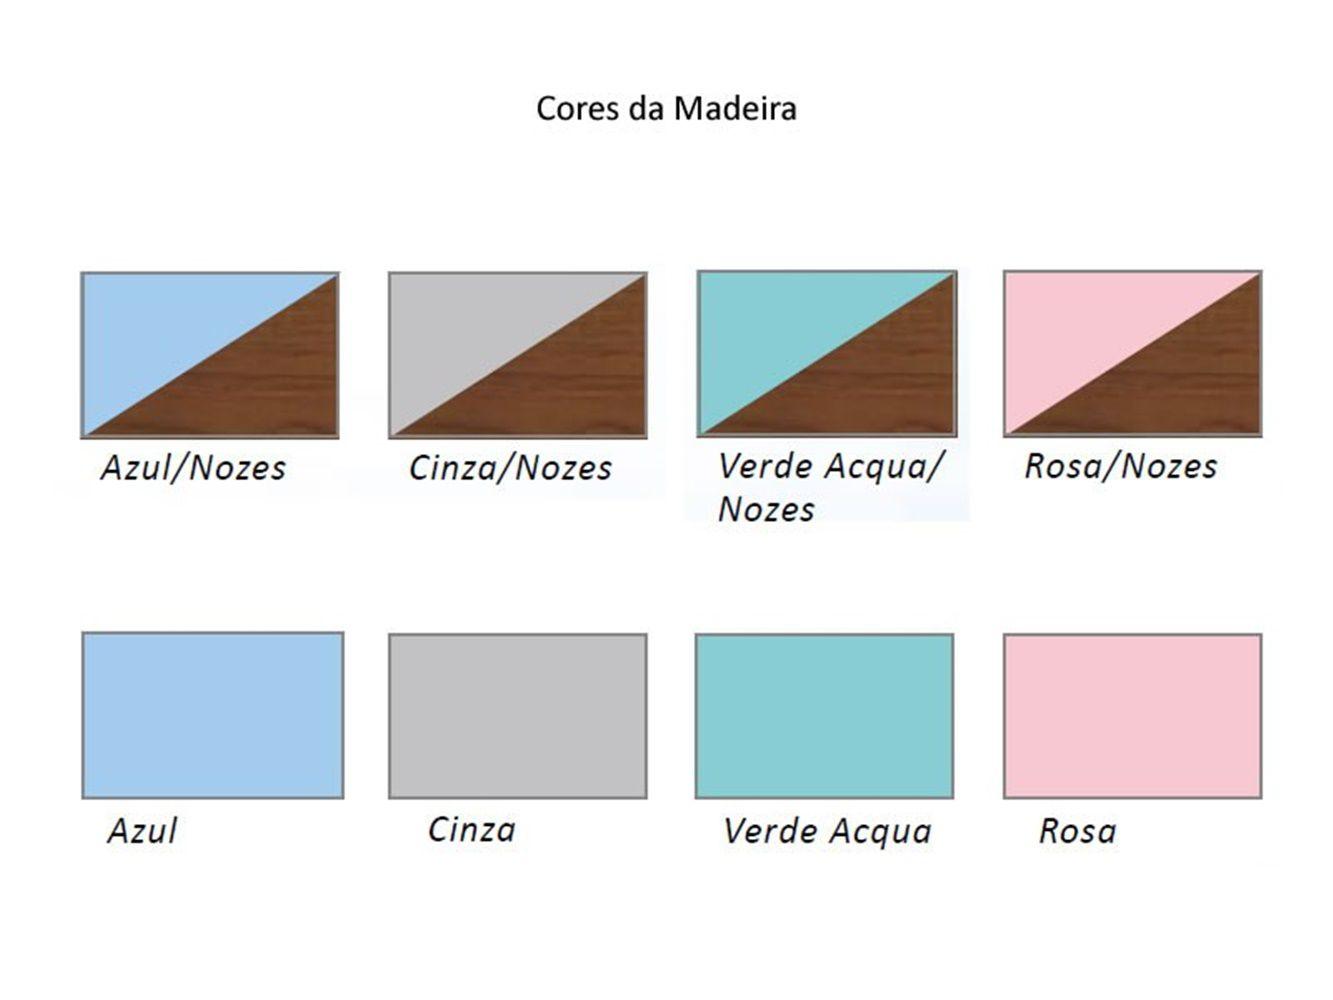 Moisés Transformare - Colchão (0,60 x 0,70) - Euclar